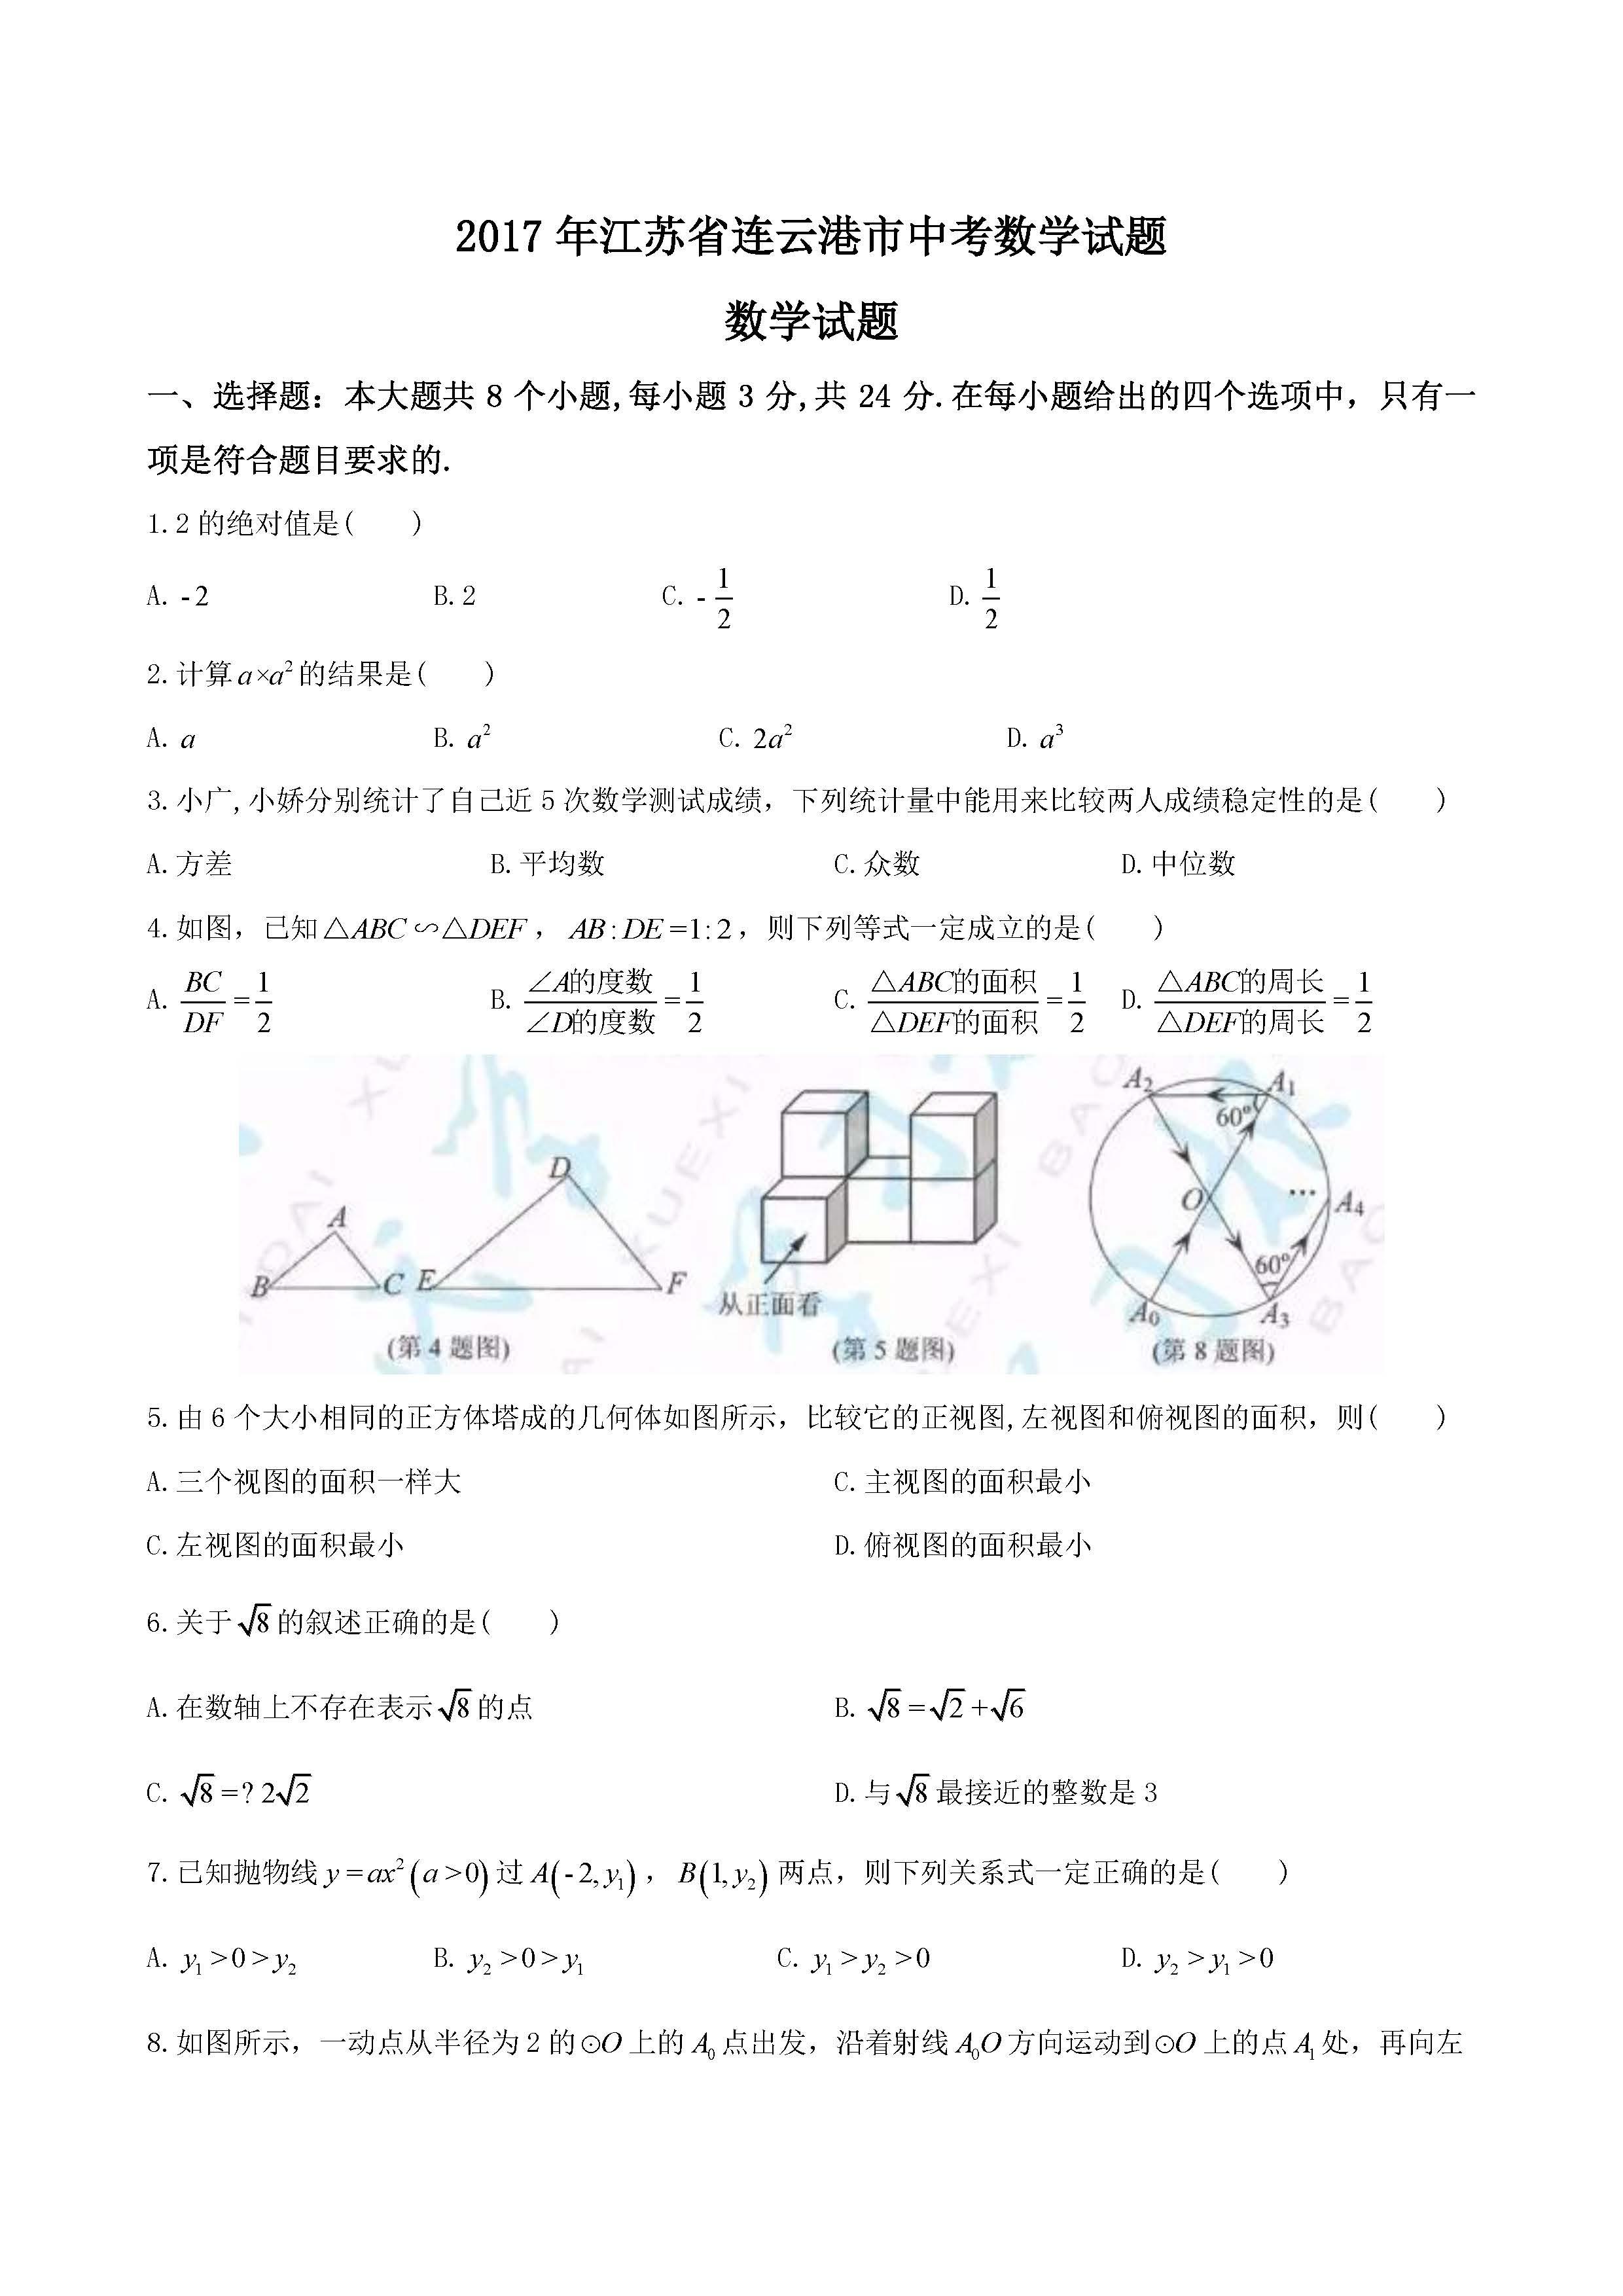 2017江西中考数学试题及答案解析(图片版无答案)